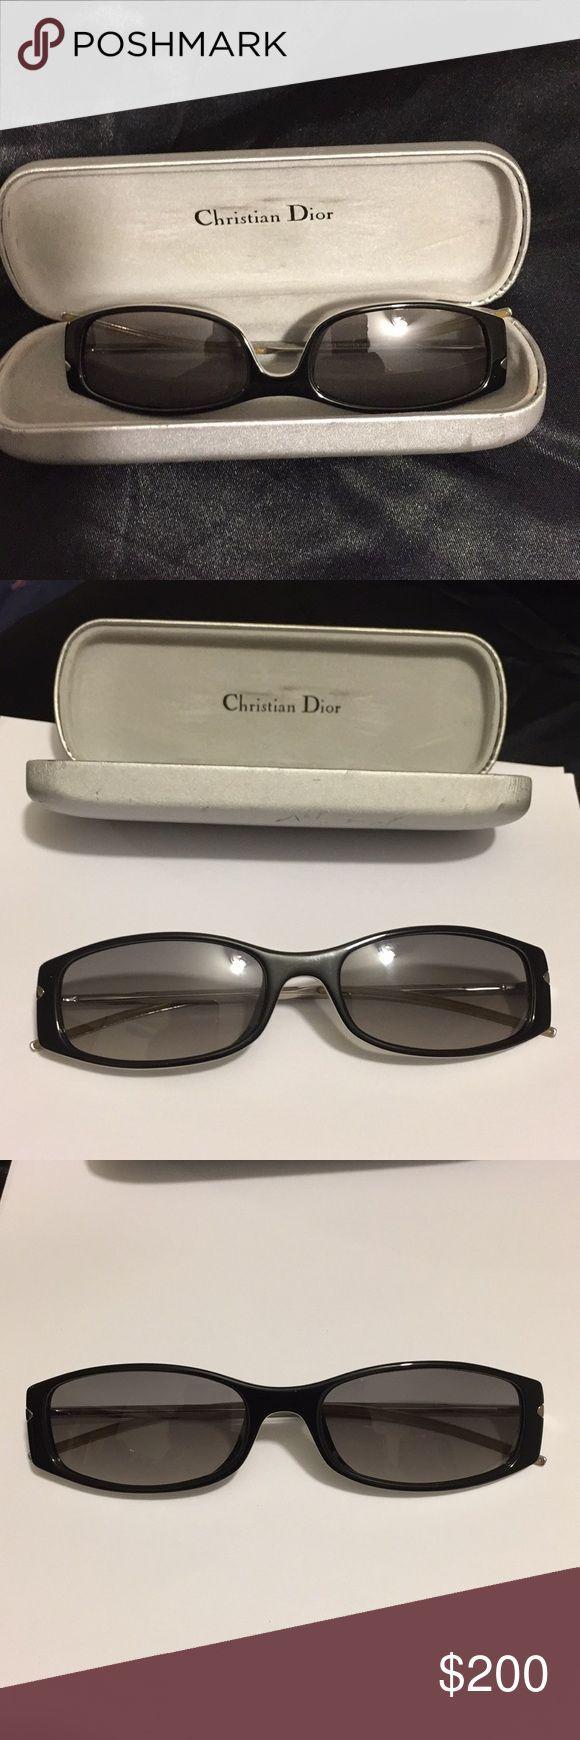 CHRISTIAN DIOR lunettes de soleil lunettes de style vintage CHRISTIAN DIOR lunettes de soleil…